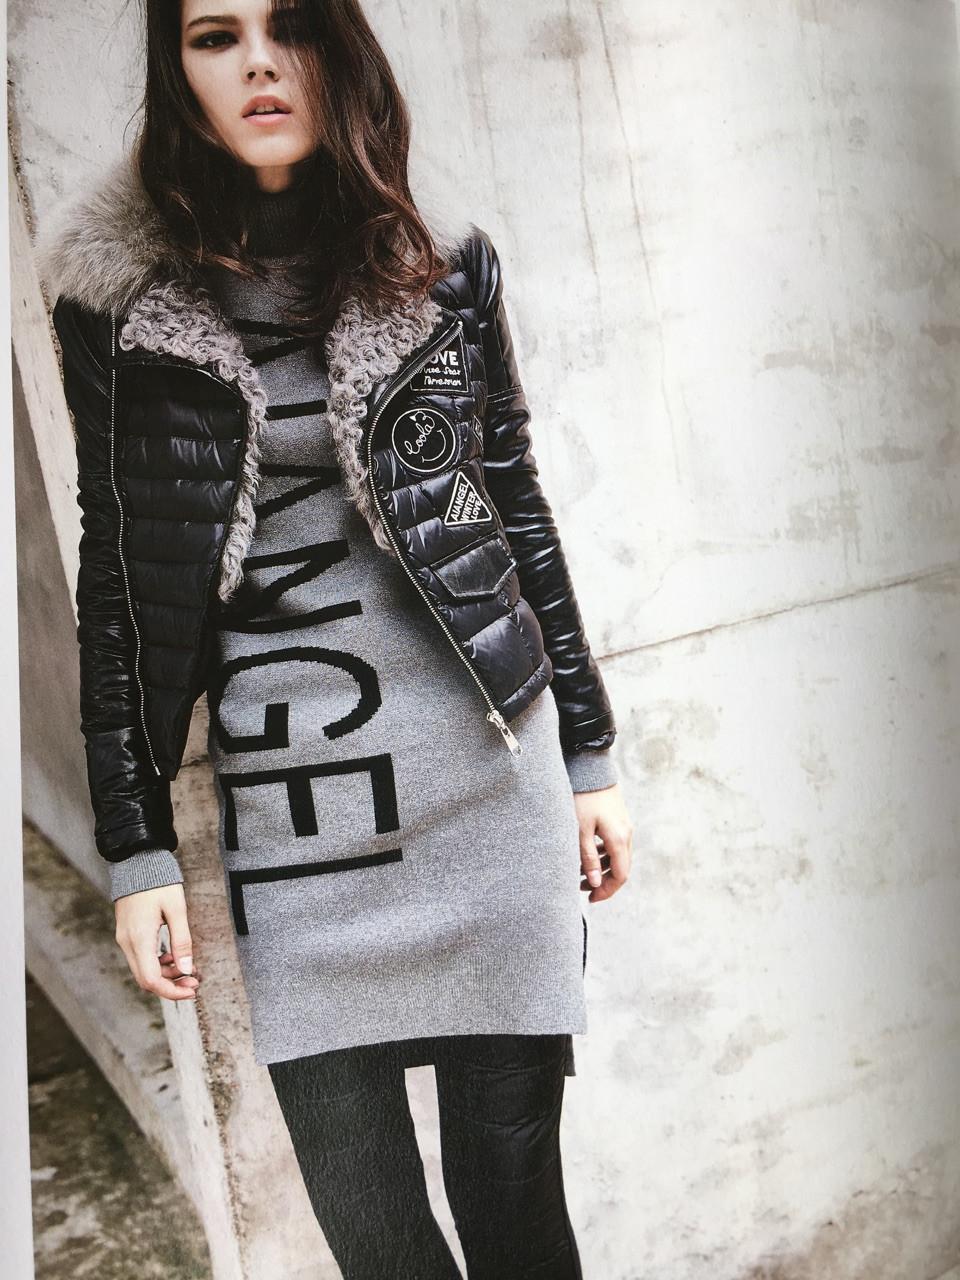 艾安琪 精品品牌女装折扣批发走份尾货低价女装清仓货源厂家直销